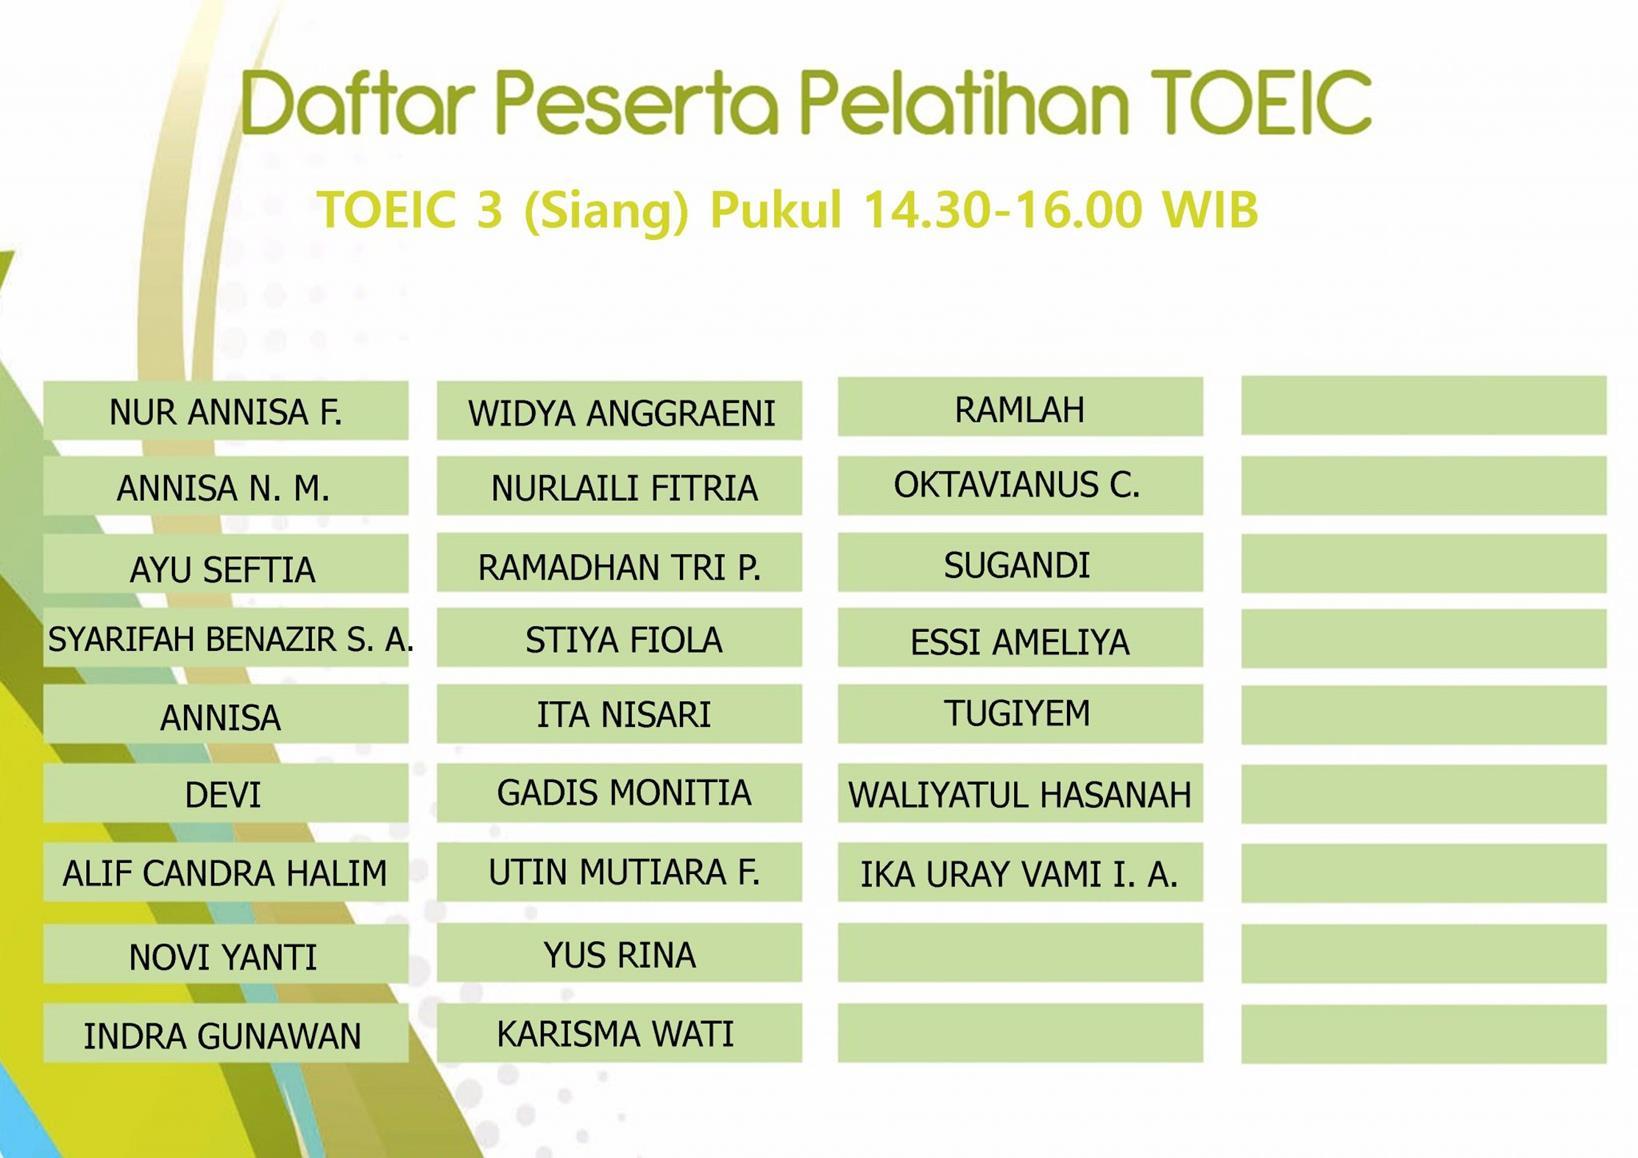 TOIEC 3 Siang